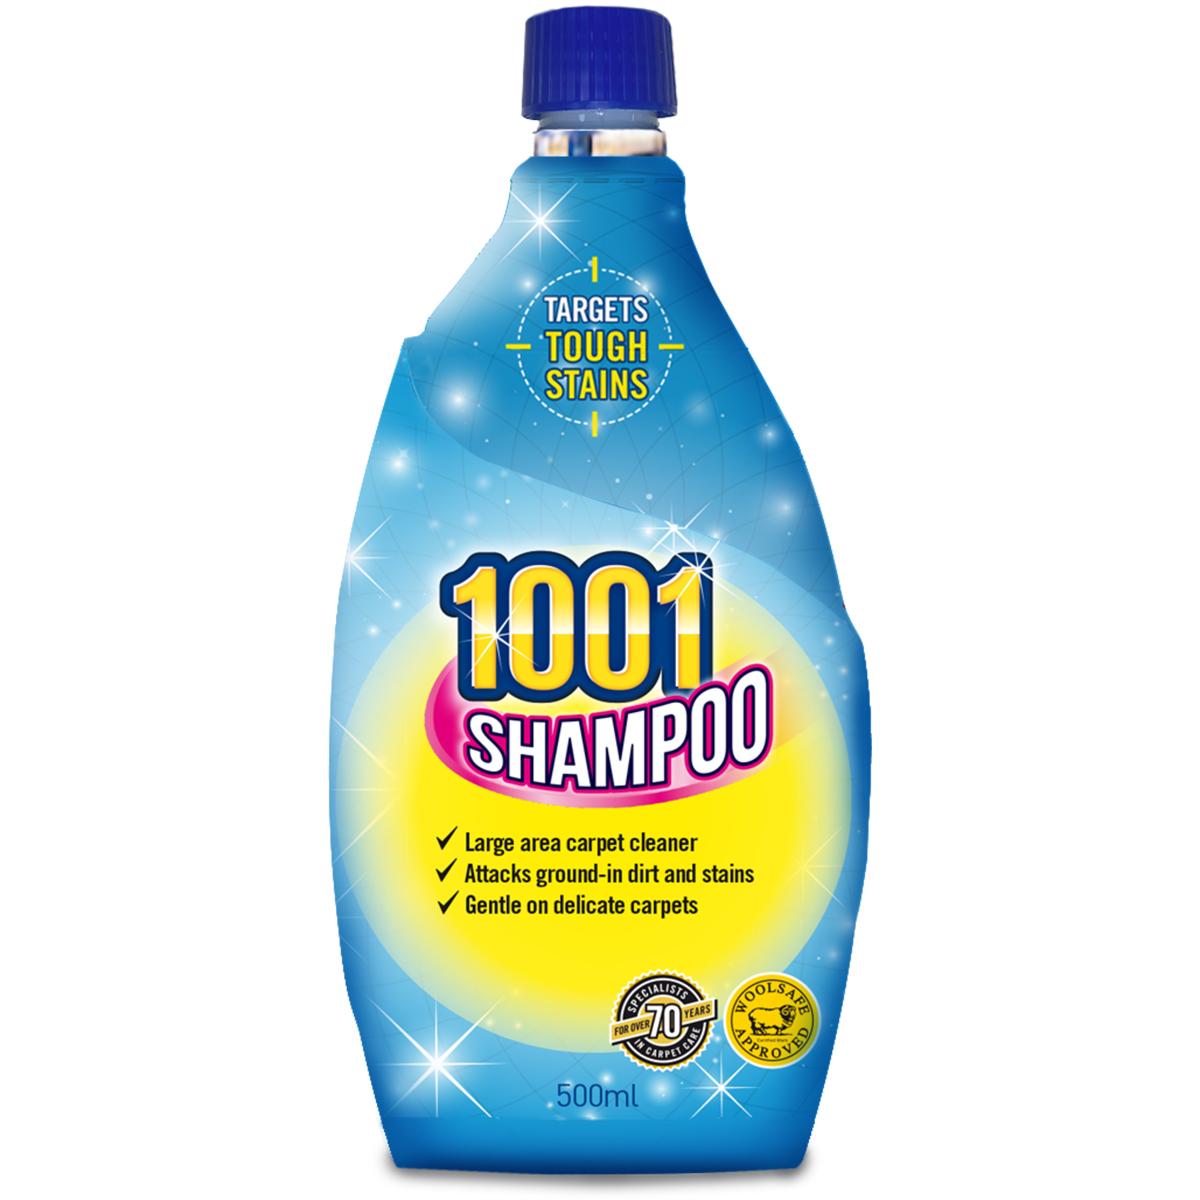 1001 Carpet Shampoo - 500ml